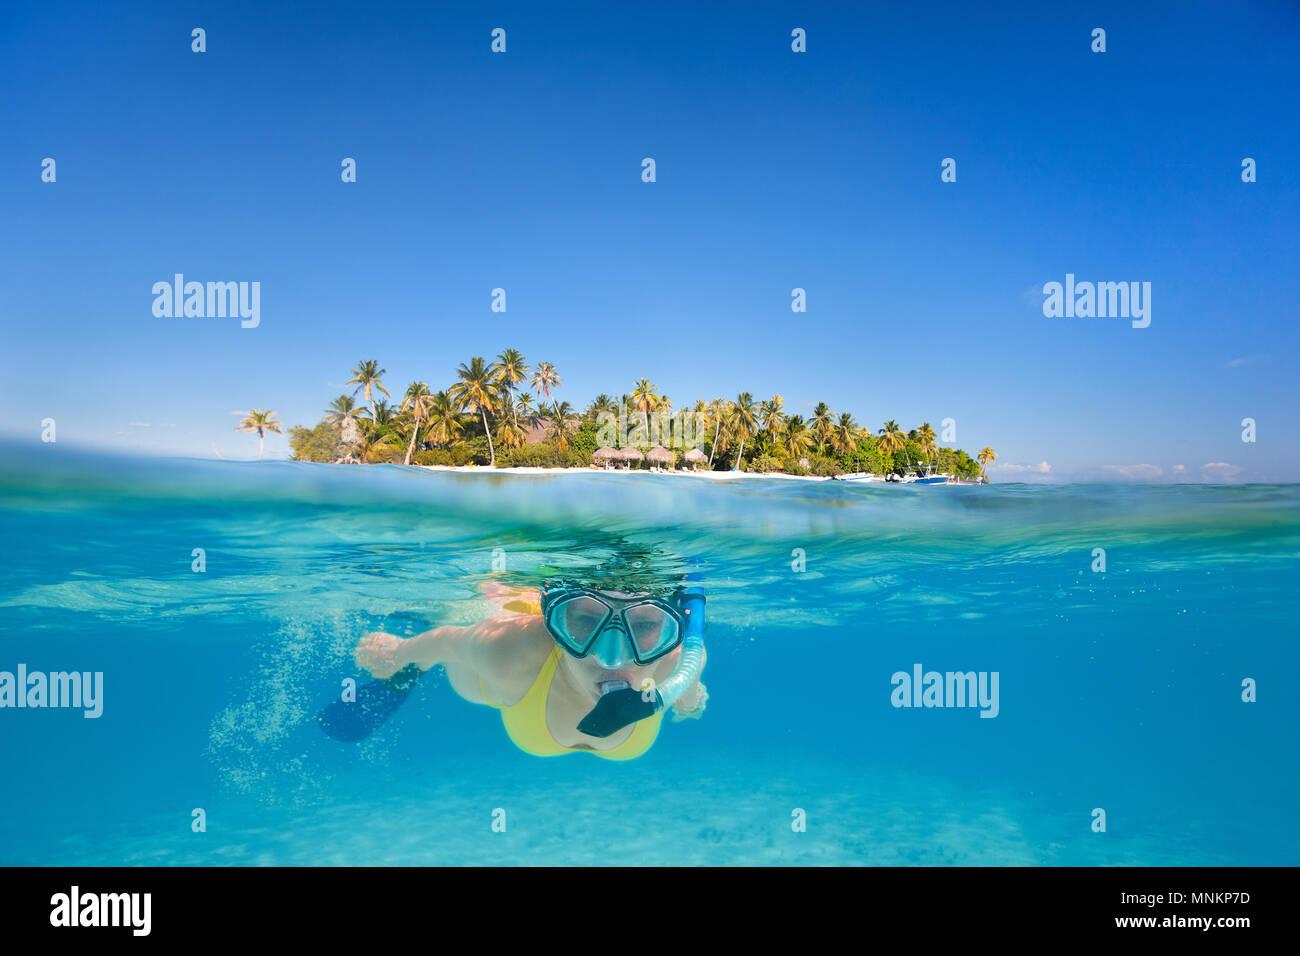 Frau Schnorcheln im klaren tropischen Gewässern vor der exotischen Insel Stockbild